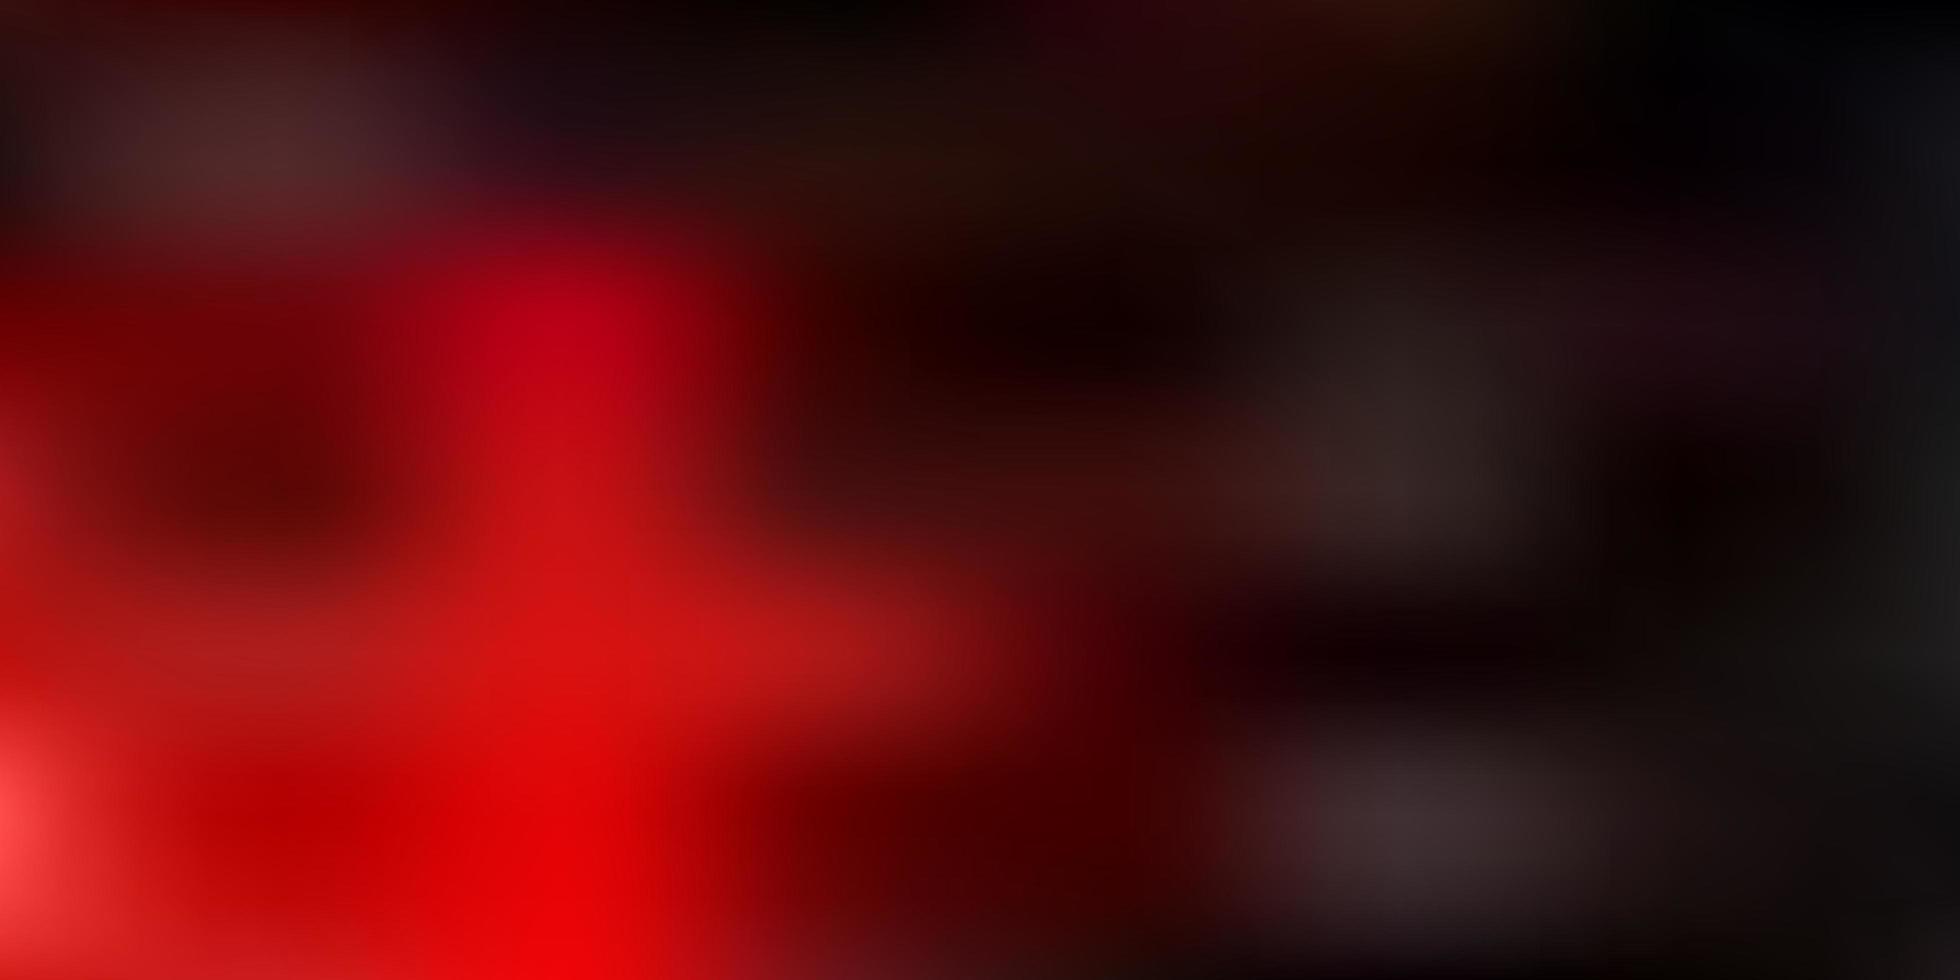 sfondo di sfocatura astratta vettoriale arancione scuro.